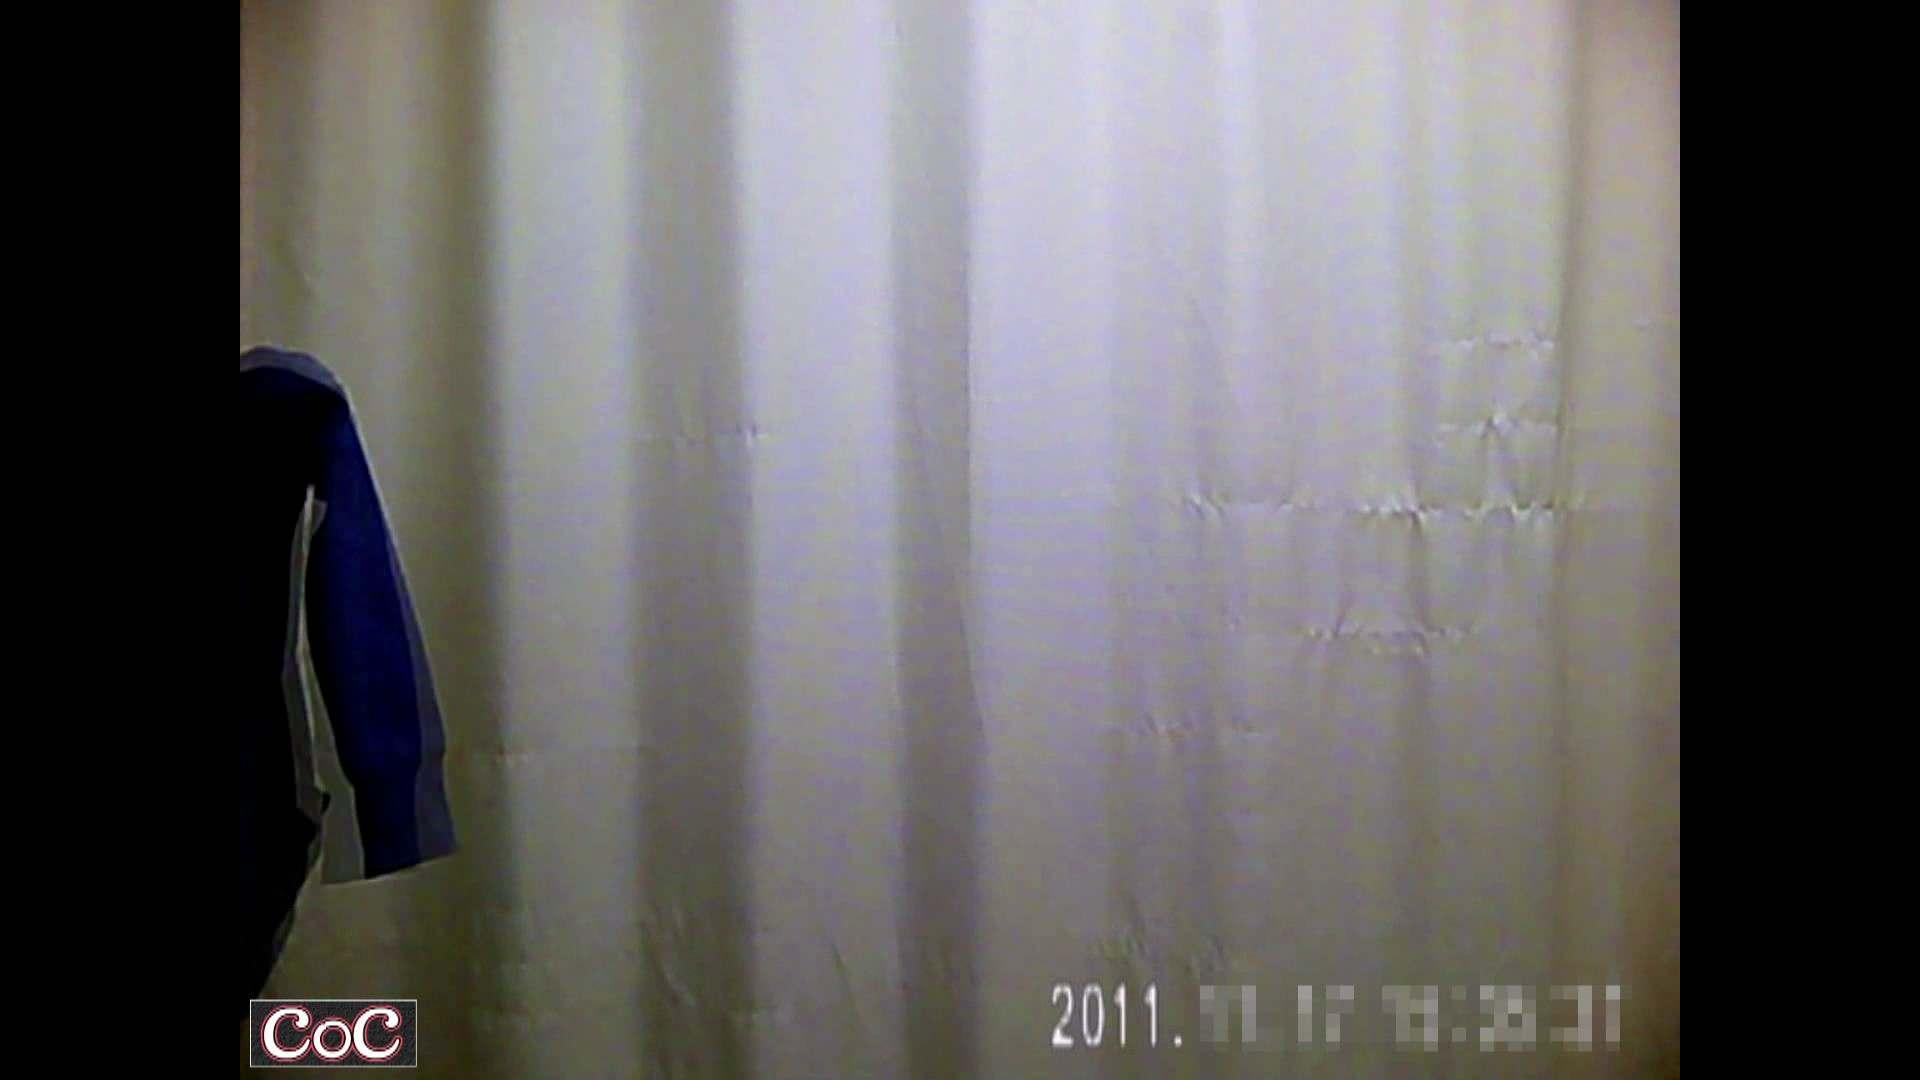 病院おもいっきり着替え! vol.96 盗撮 オマンコ動画キャプチャ 89PICs 86